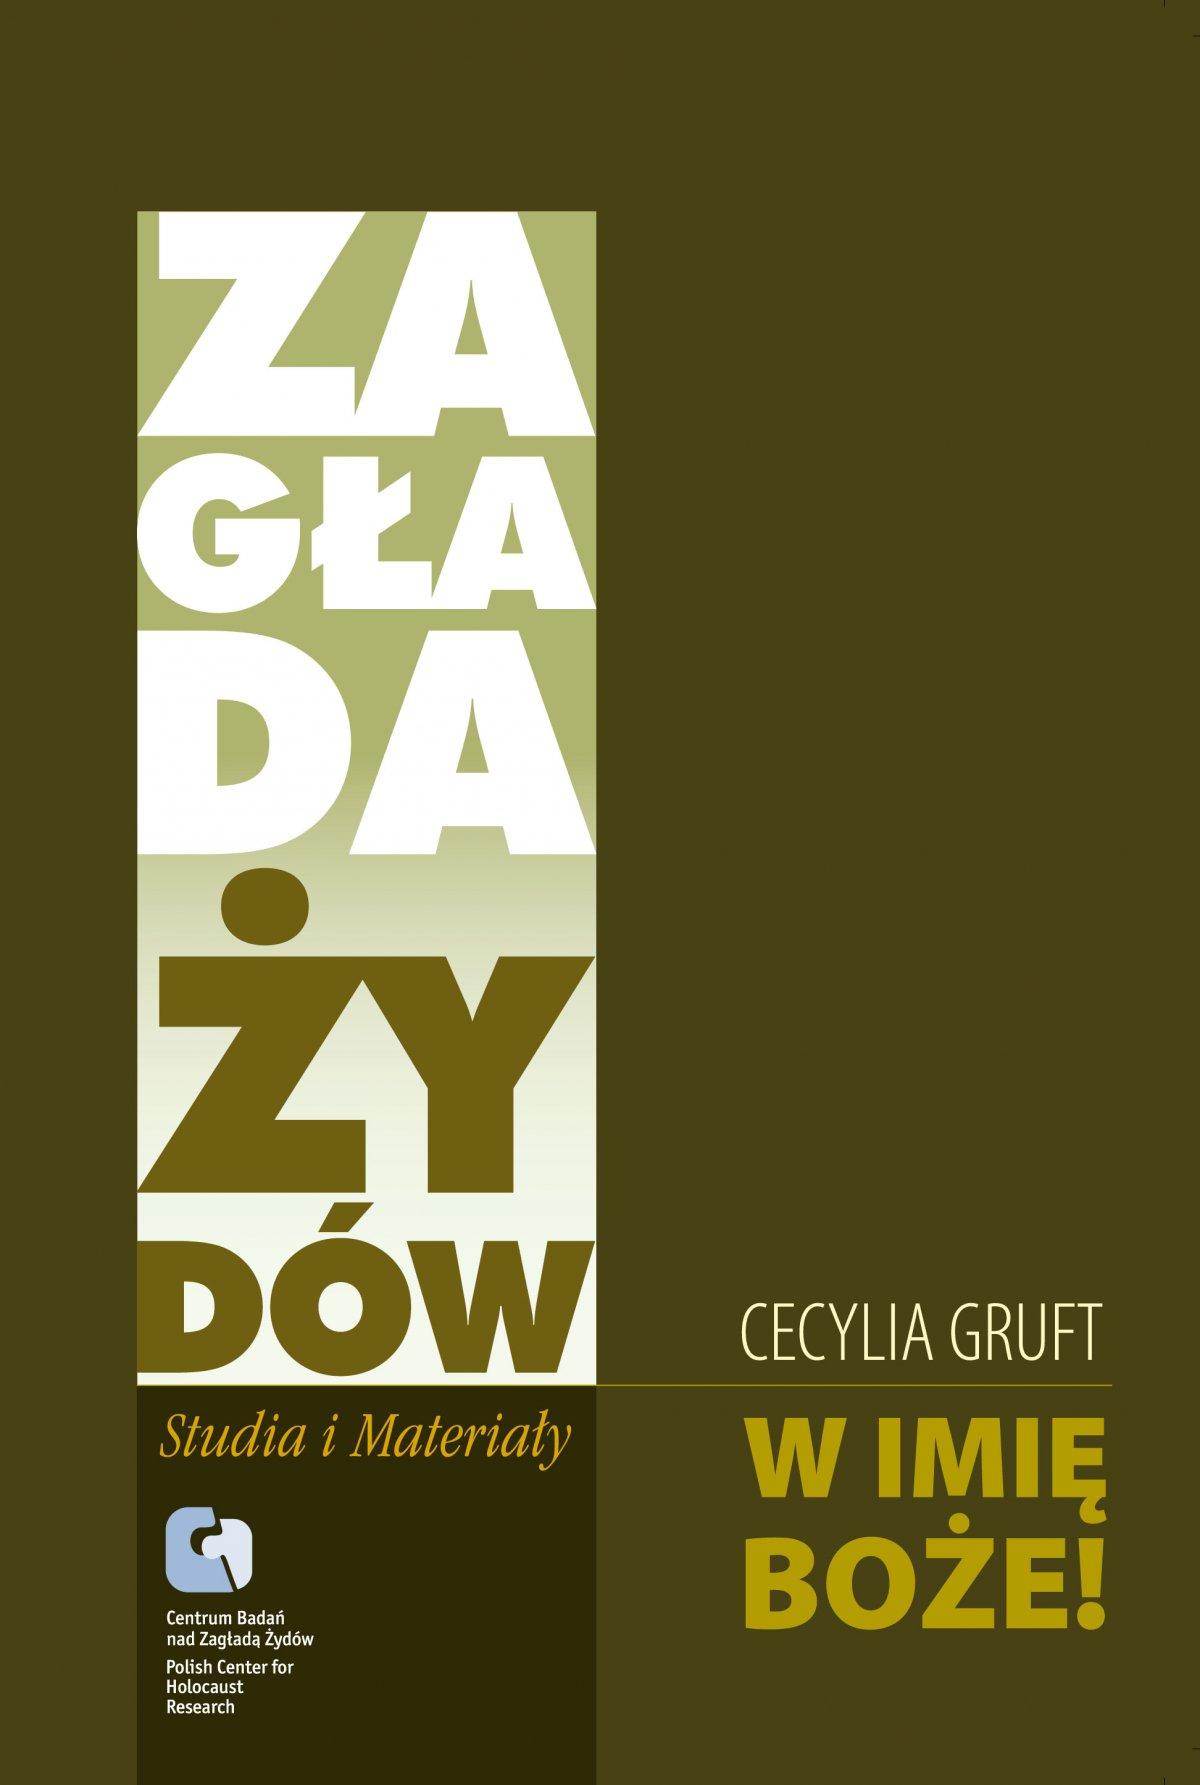 W Imię Boże! Pamiętnik Cesi Gruft - Ebook (Książka EPUB) do pobrania w formacie EPUB